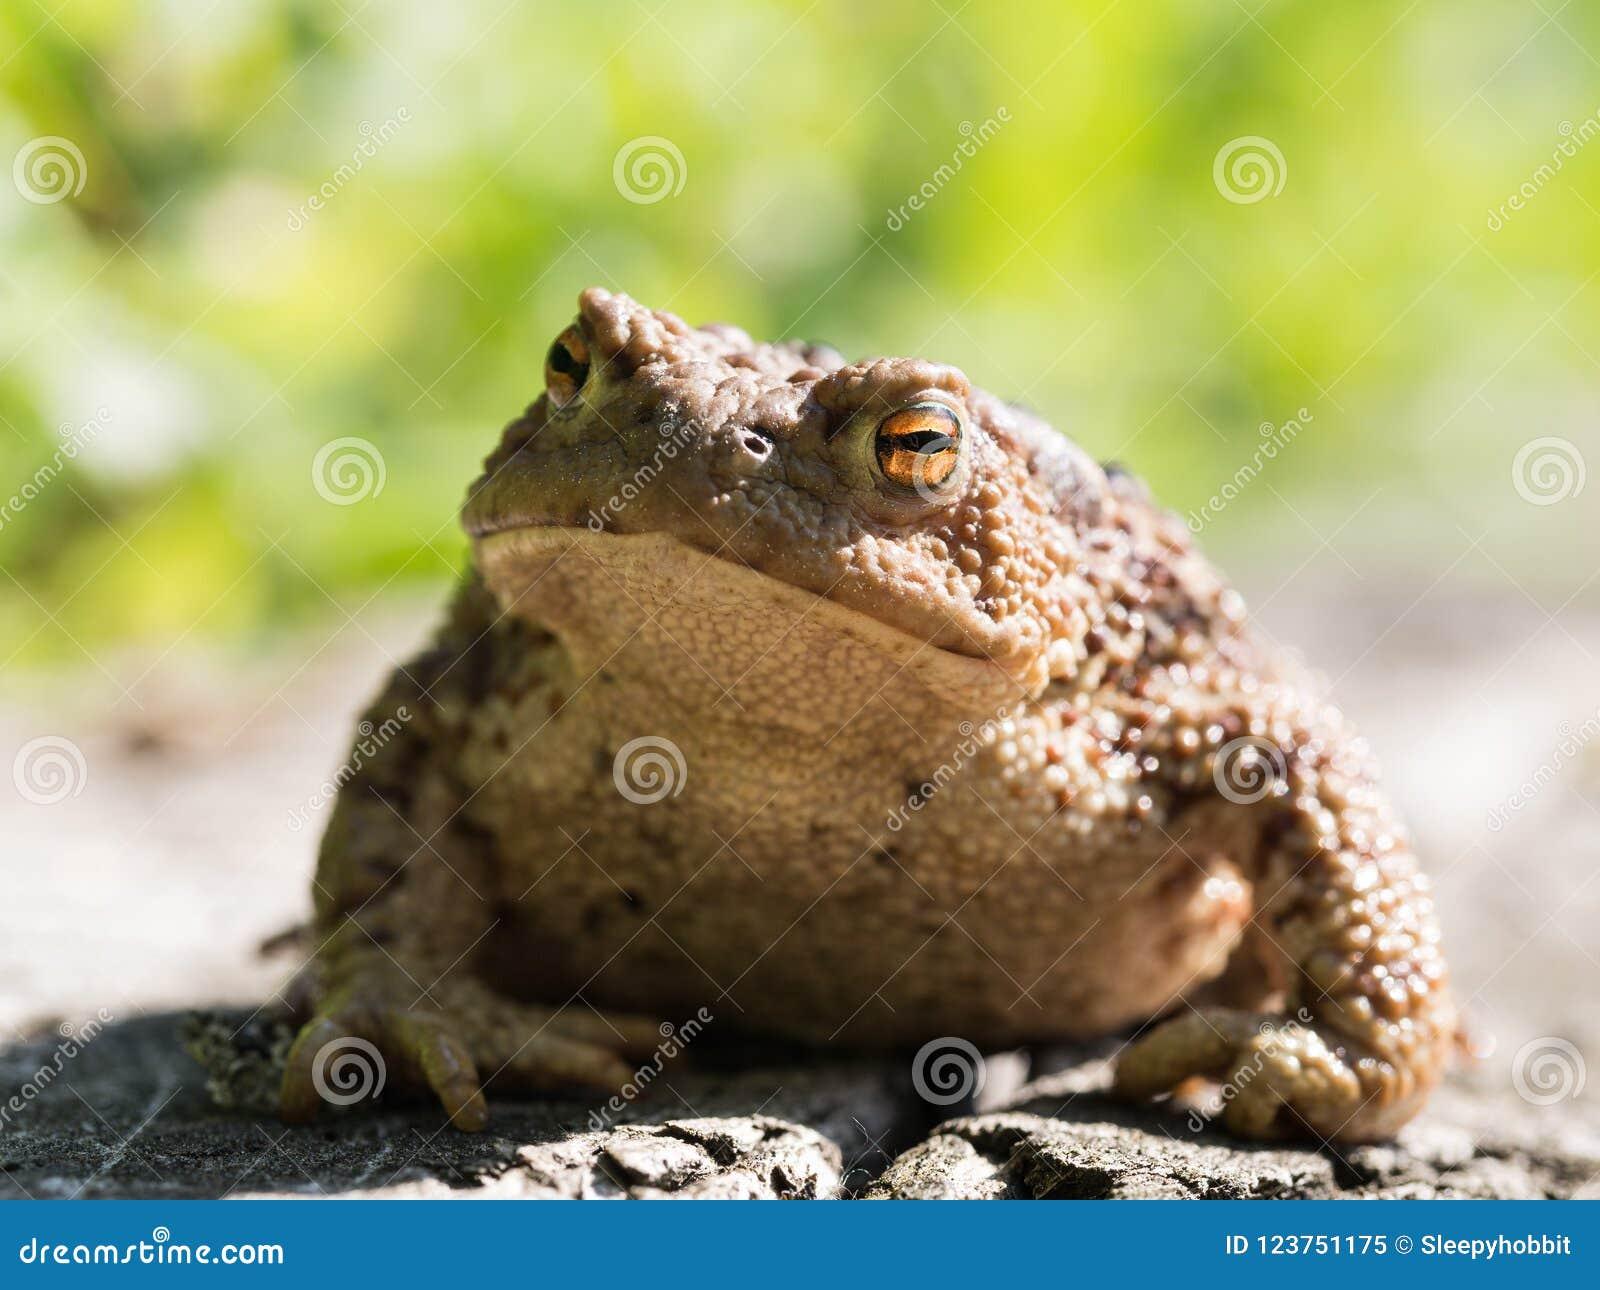 Ο κοινός βάτραχος φρύνων, ευρωπαϊκό bufo bufo φρύνων είναι ένα αμφίβιο που βρίσκεται σε όλους την μεγαλύτερη μέρος της Ευρώπης